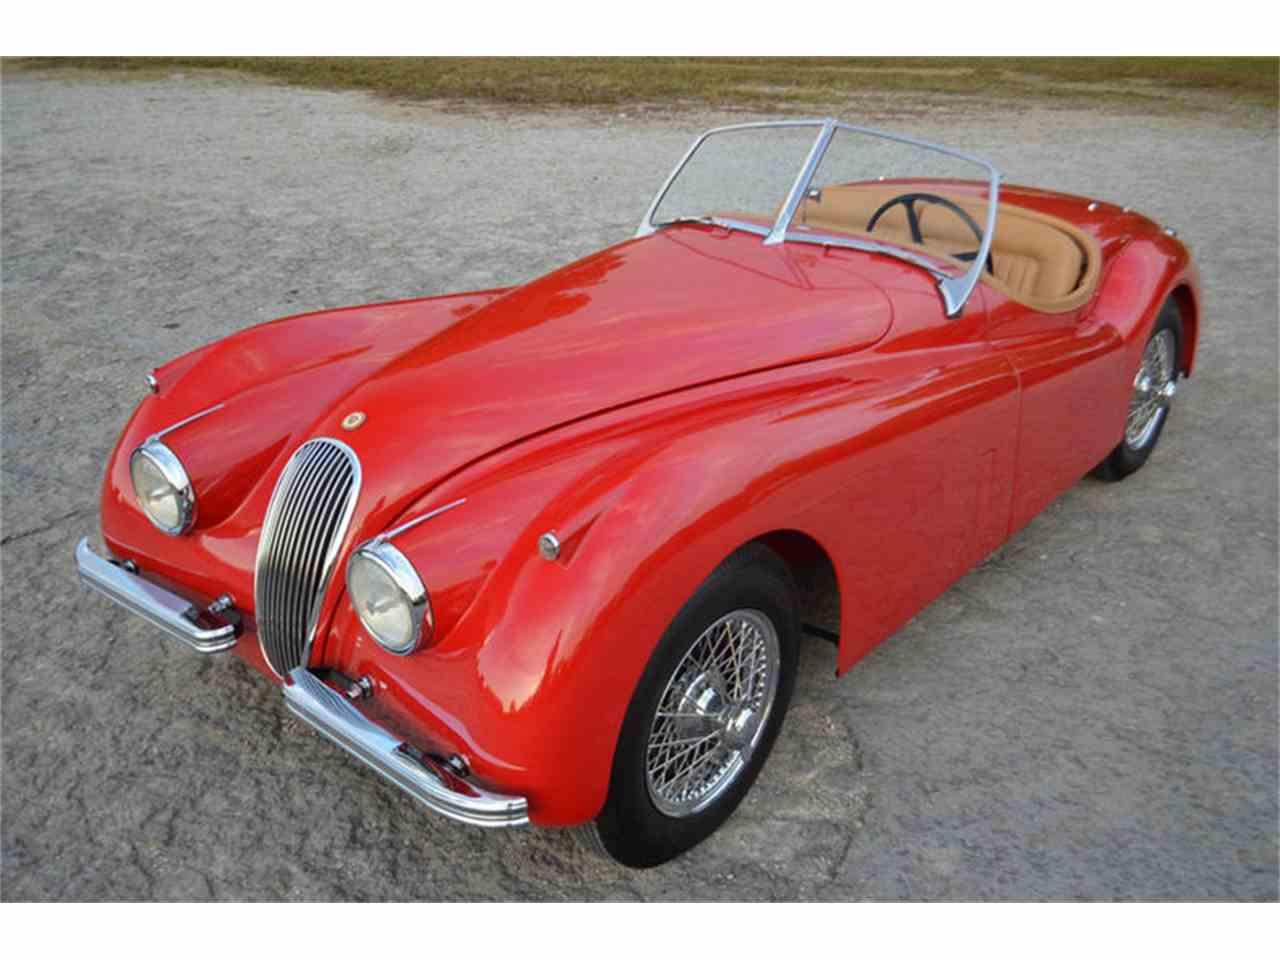 motor hemmings sale classifieds of jaguar for xk news cars